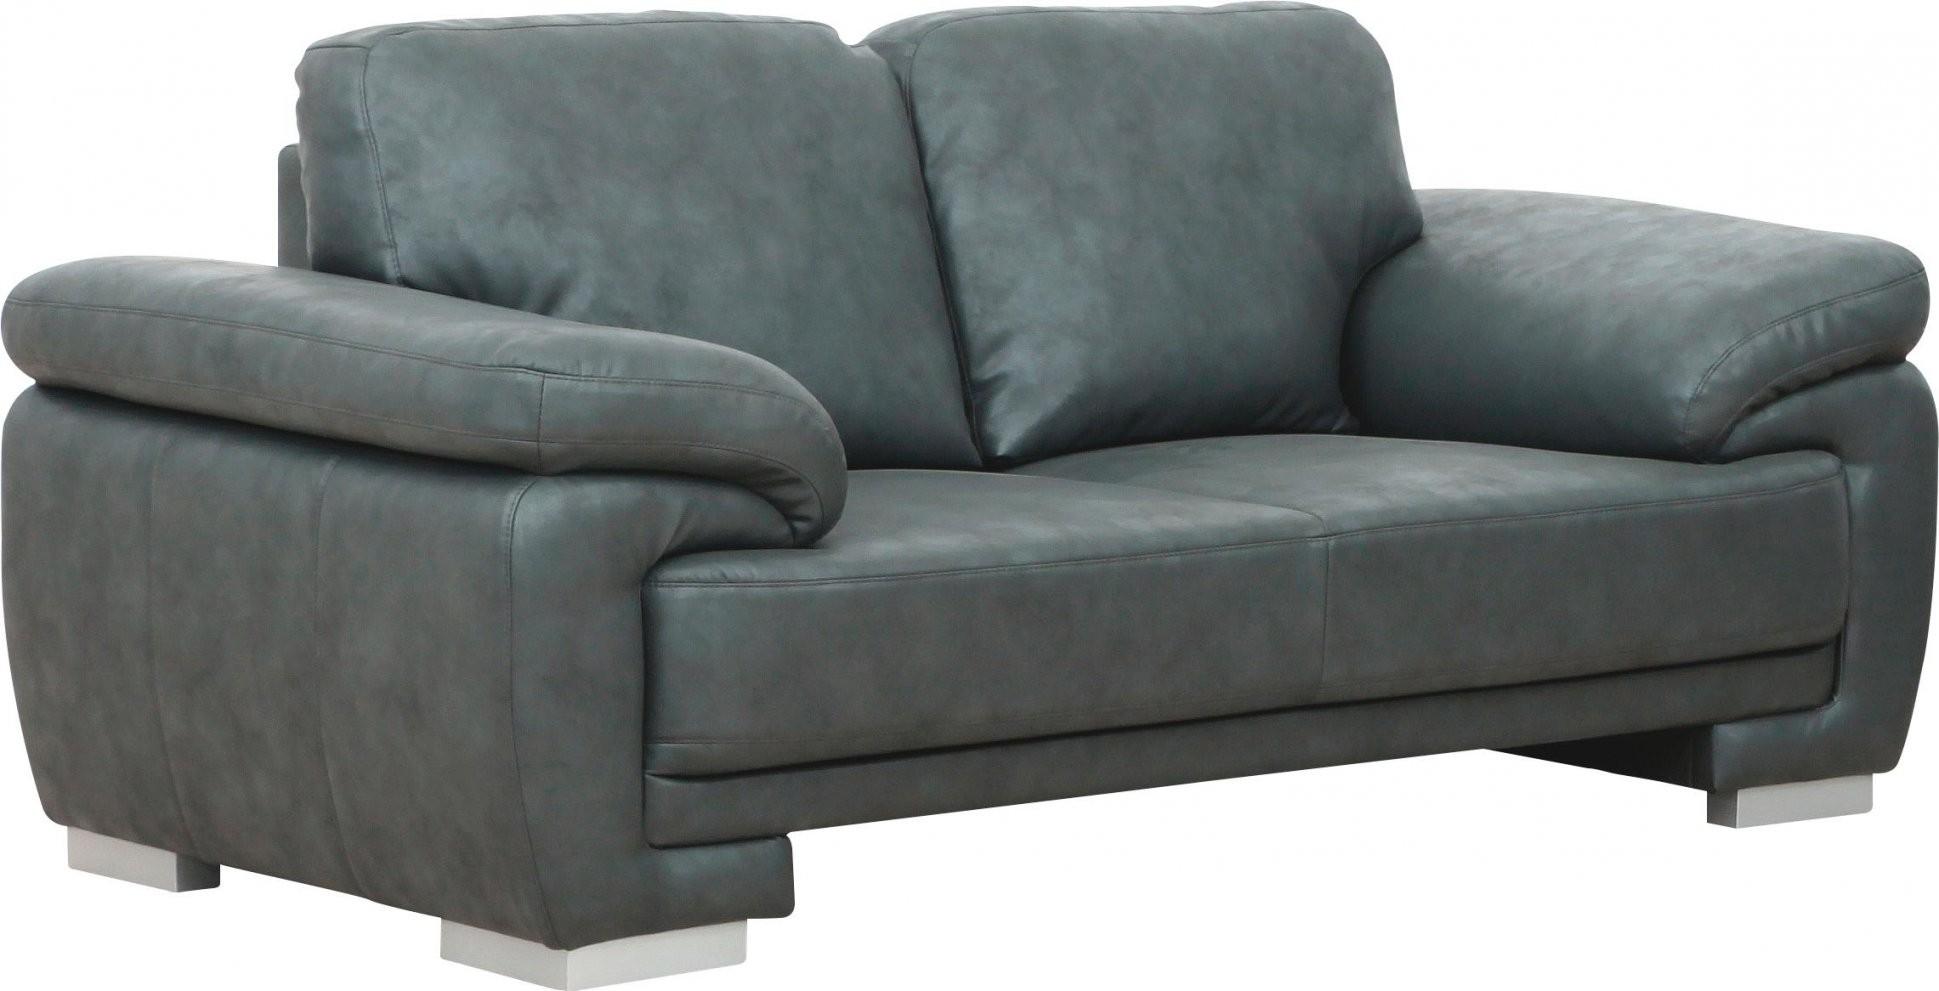 Polstergarnituren  2 25 & 3 Sitzersofas Günstig Online Kaufen  Poco von 2 Sitzer Sofa Poco Photo